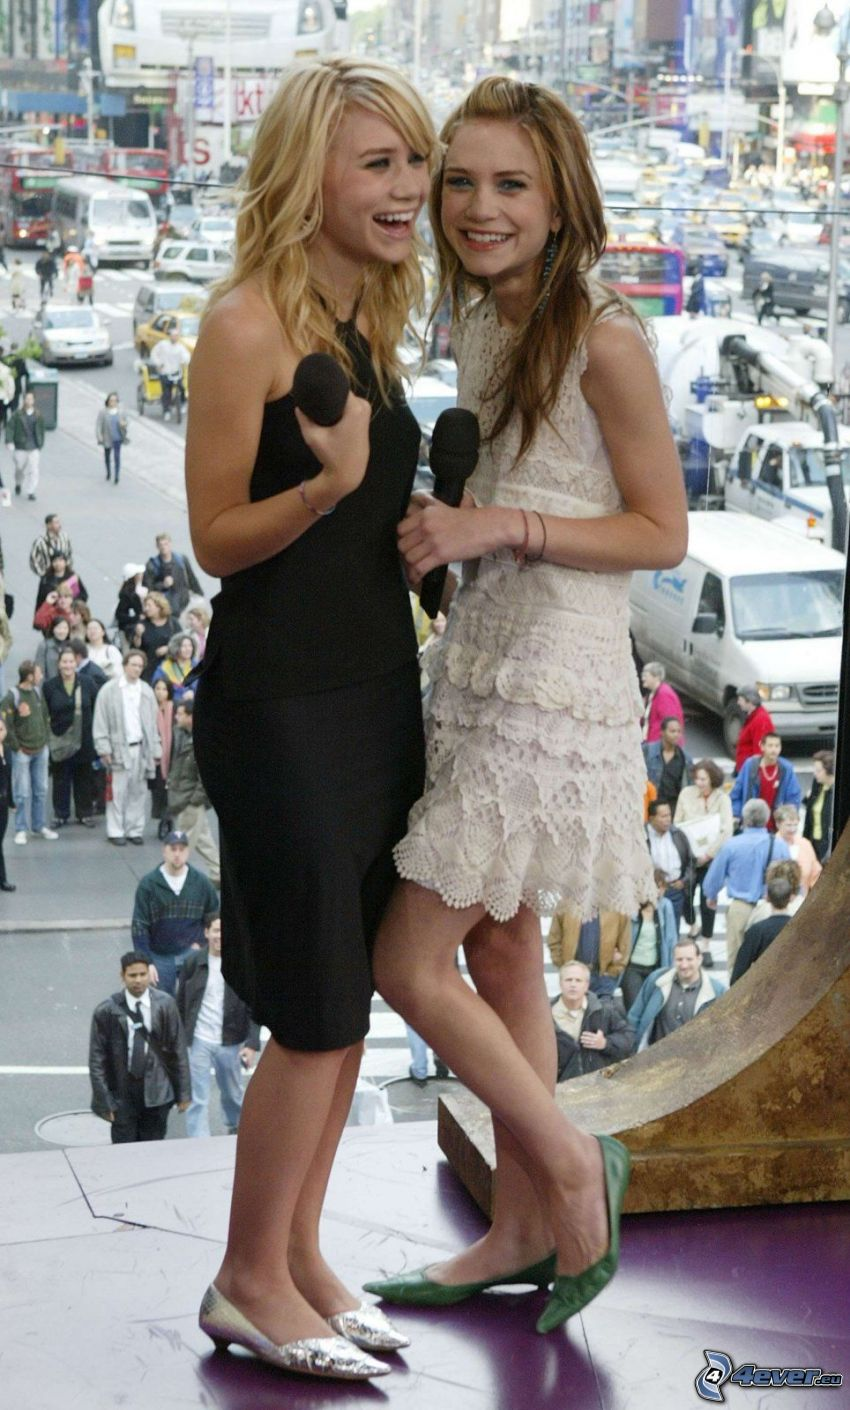 Olsen, tvillingar, systrar, skådespelerskor